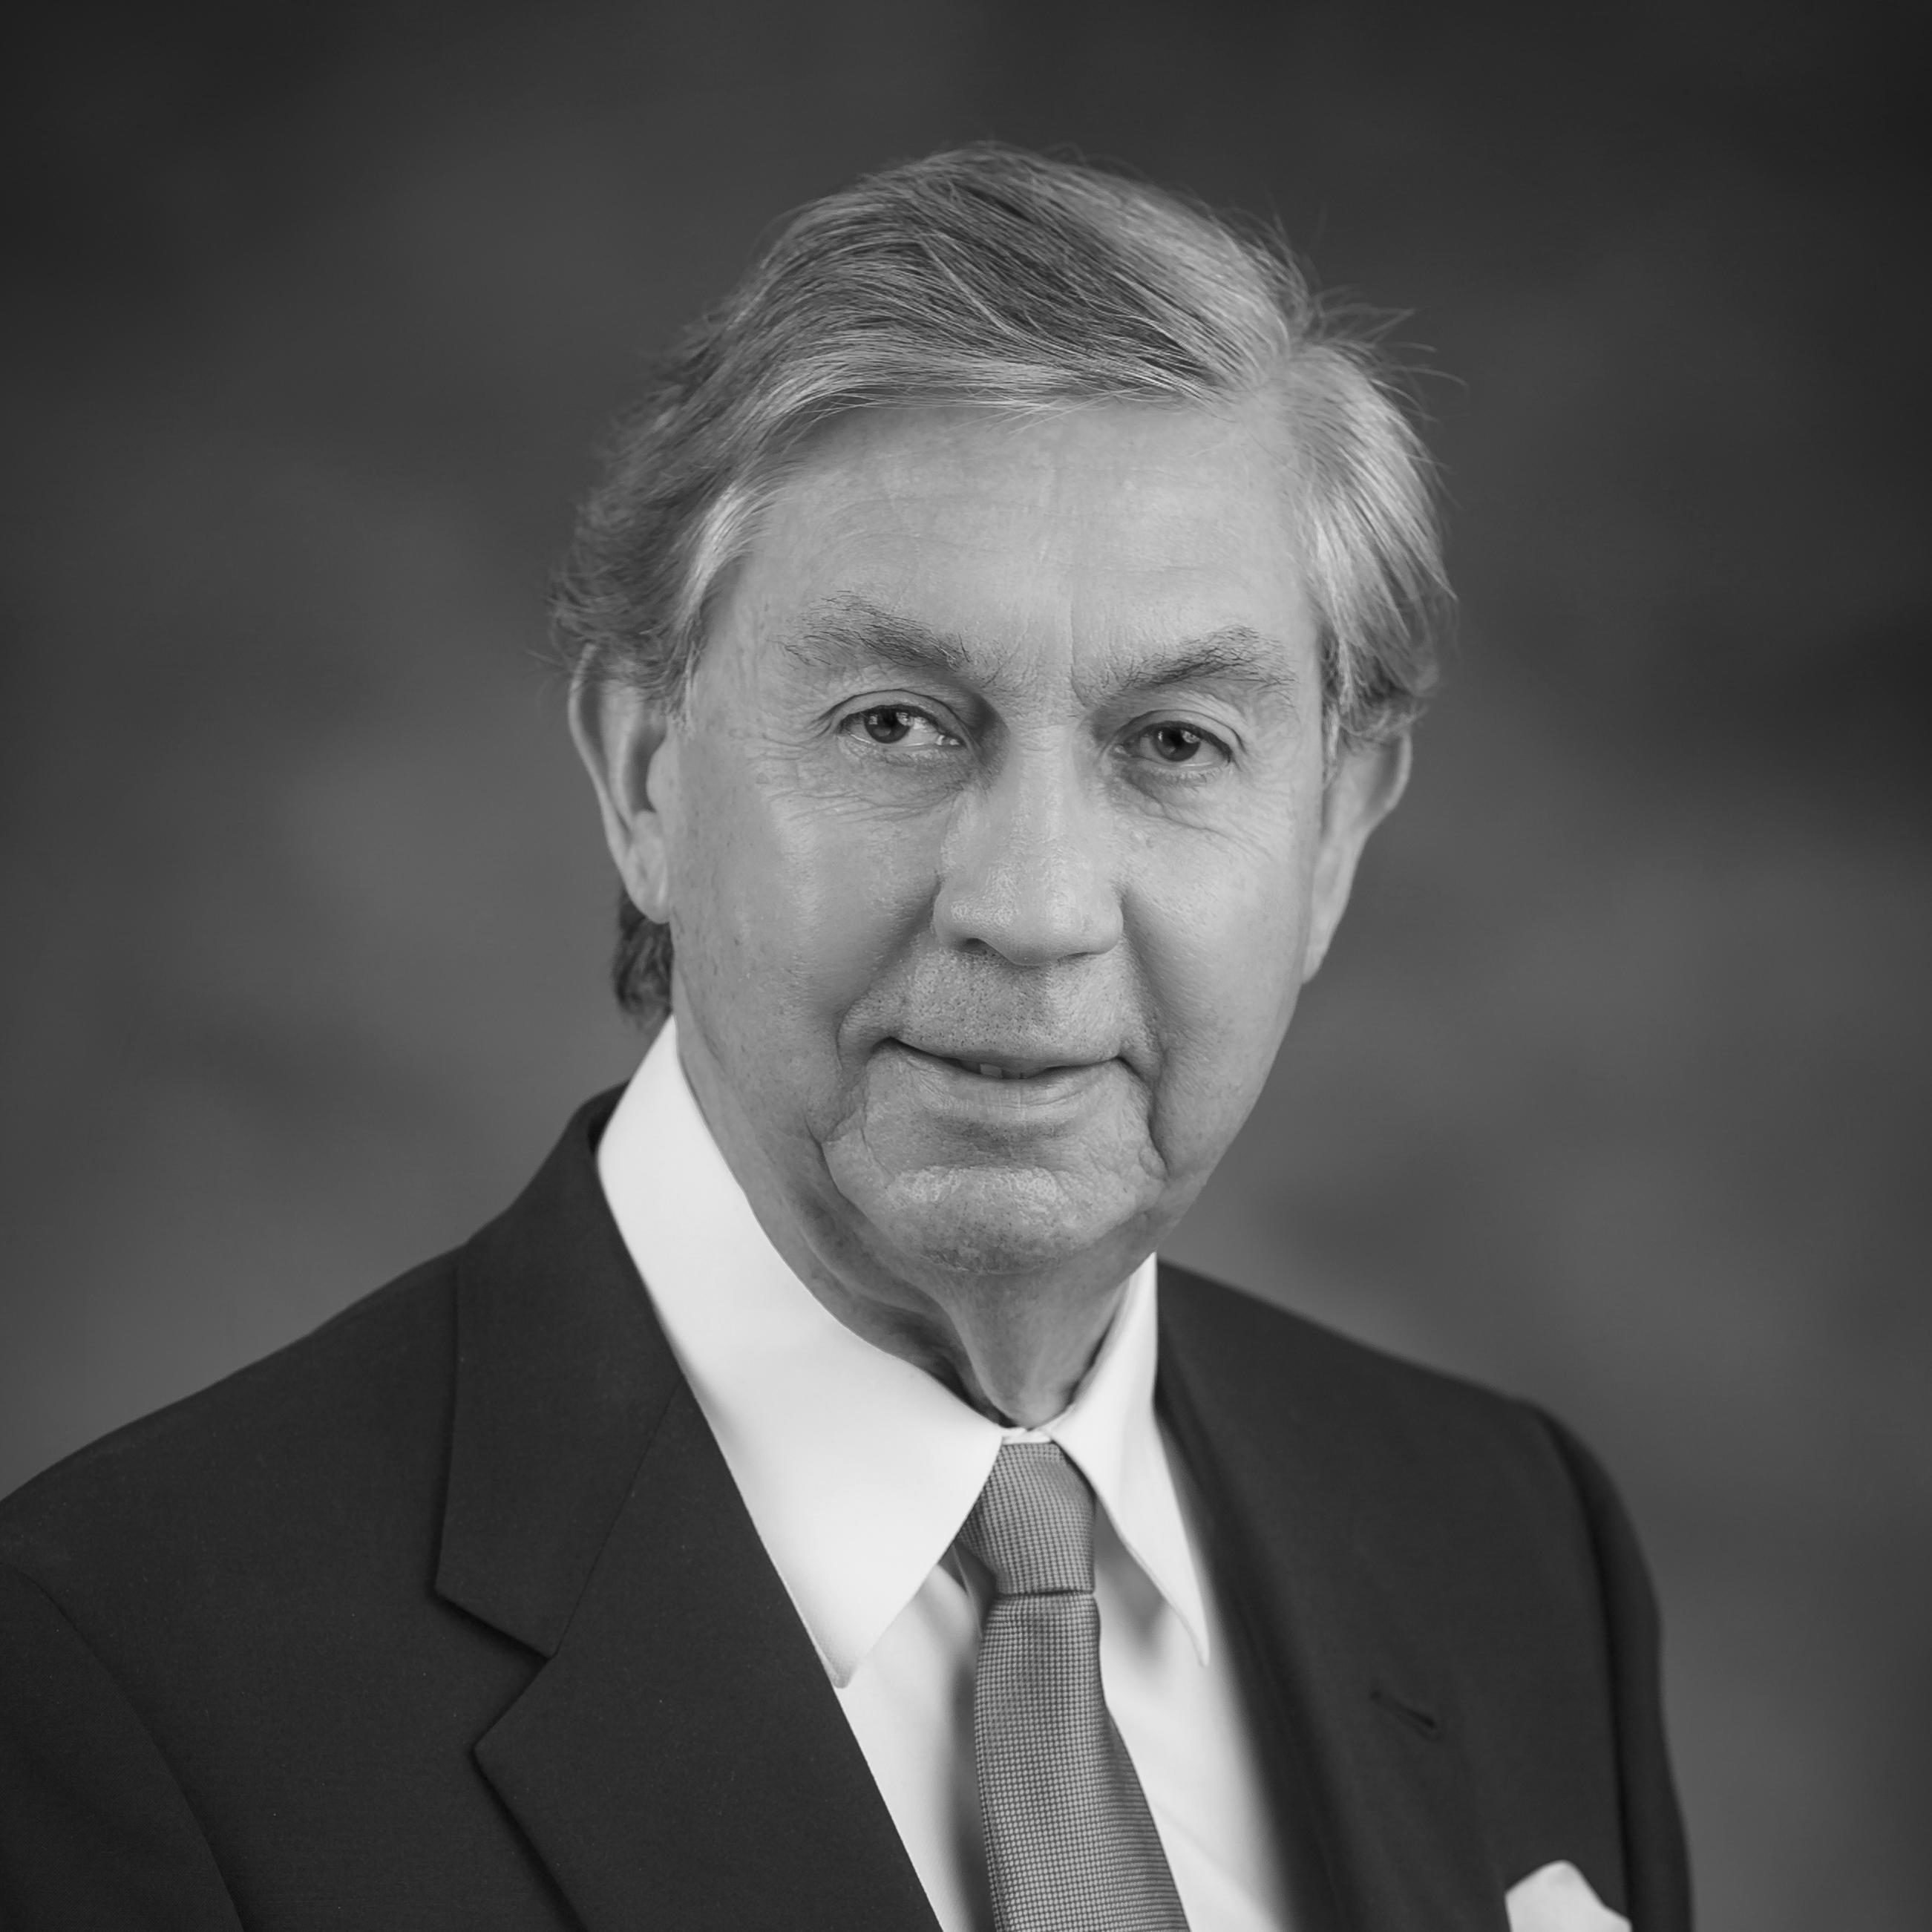 Herbert Troutz